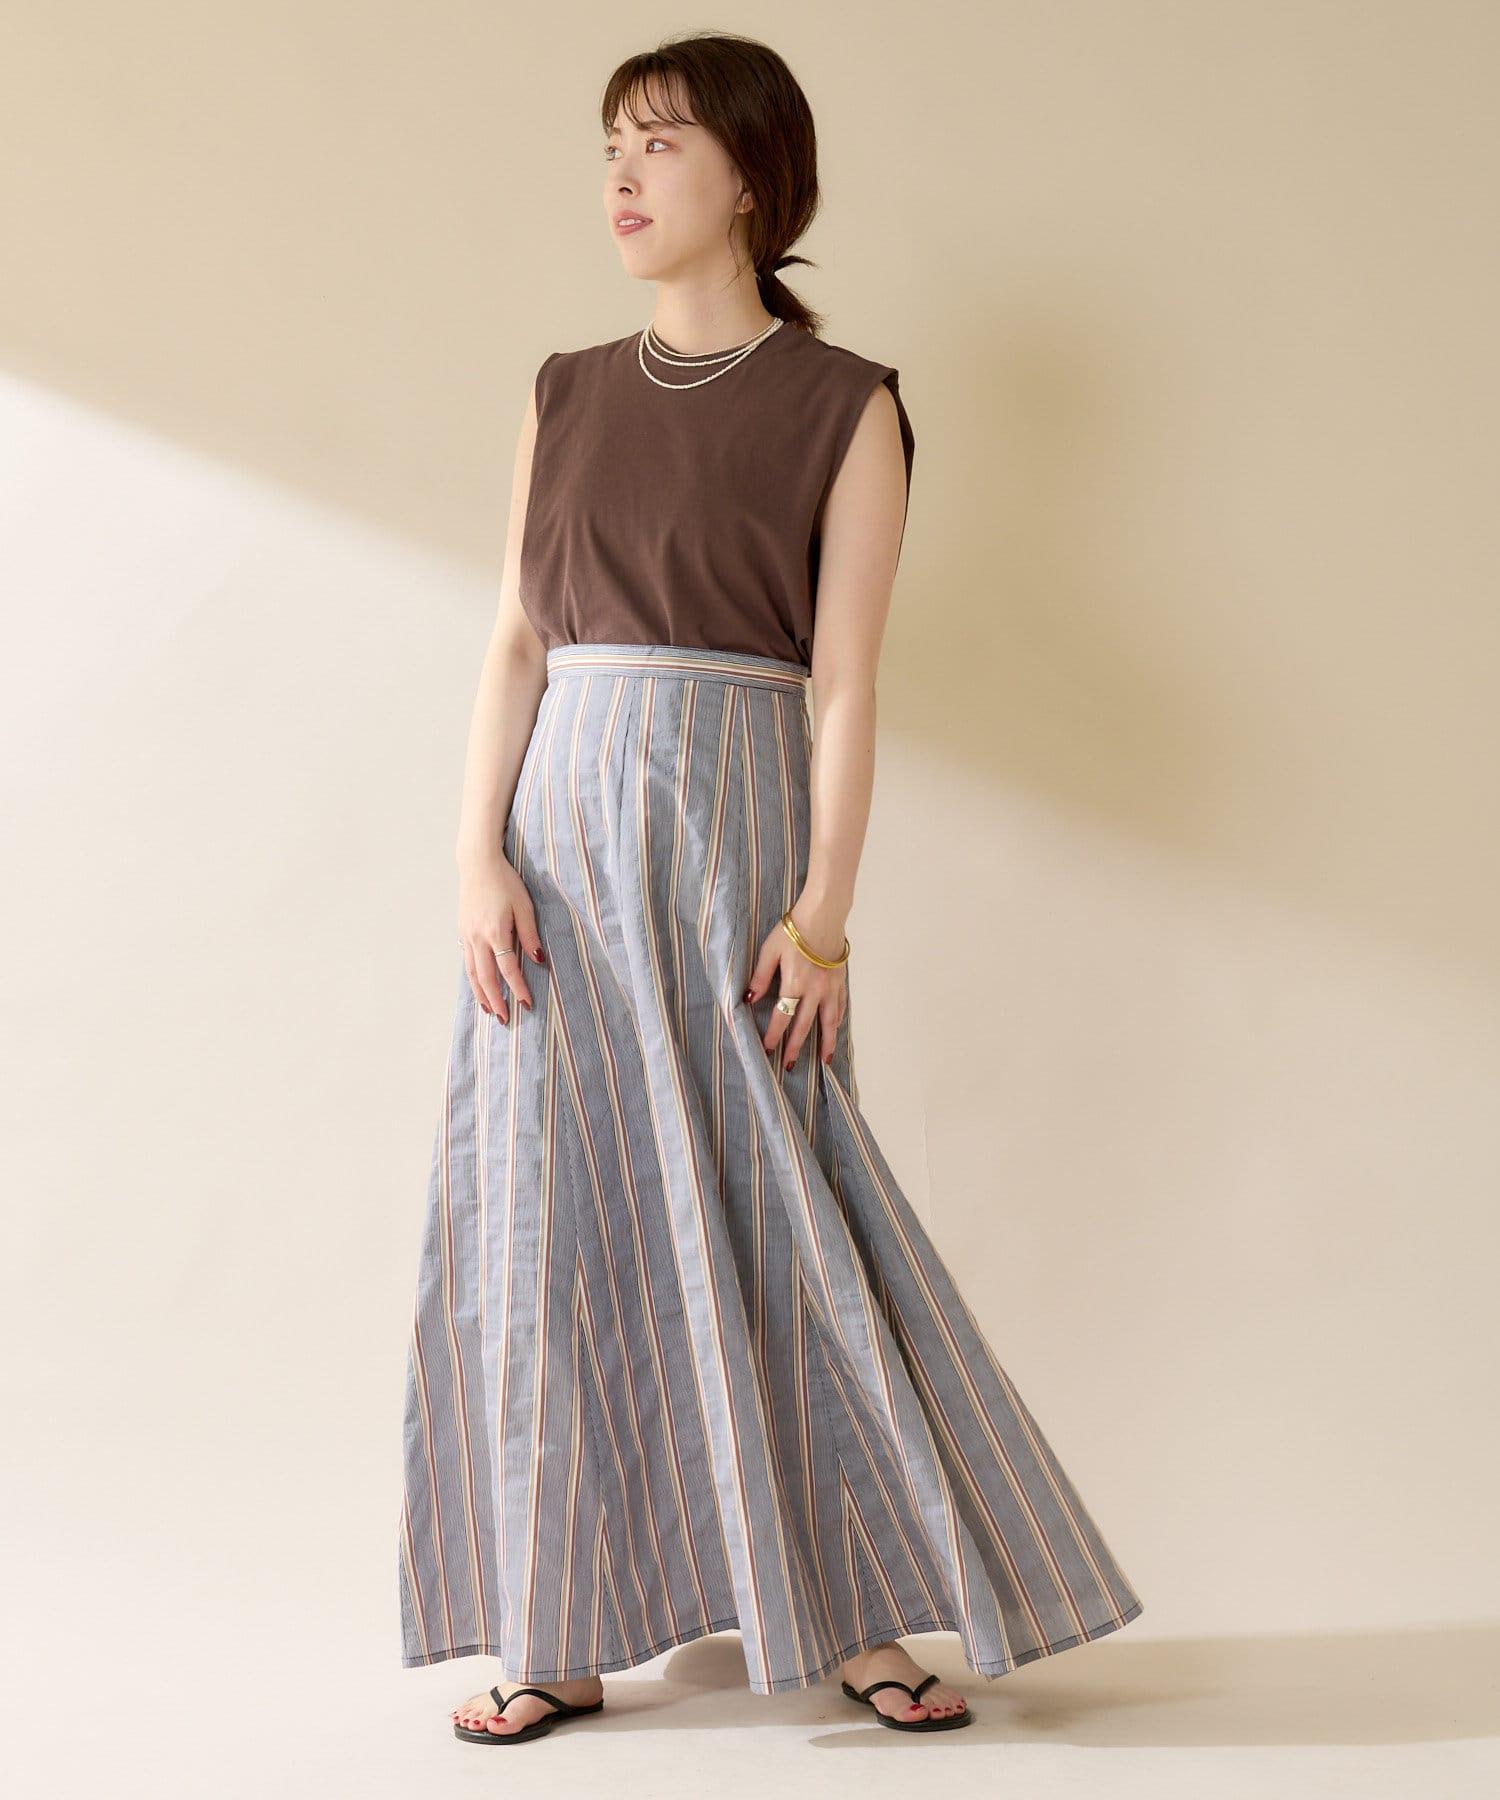 SHENERY(シーナリー) 【WEB限定カラー:ブラック】切替ストライプフレアマキシスカート